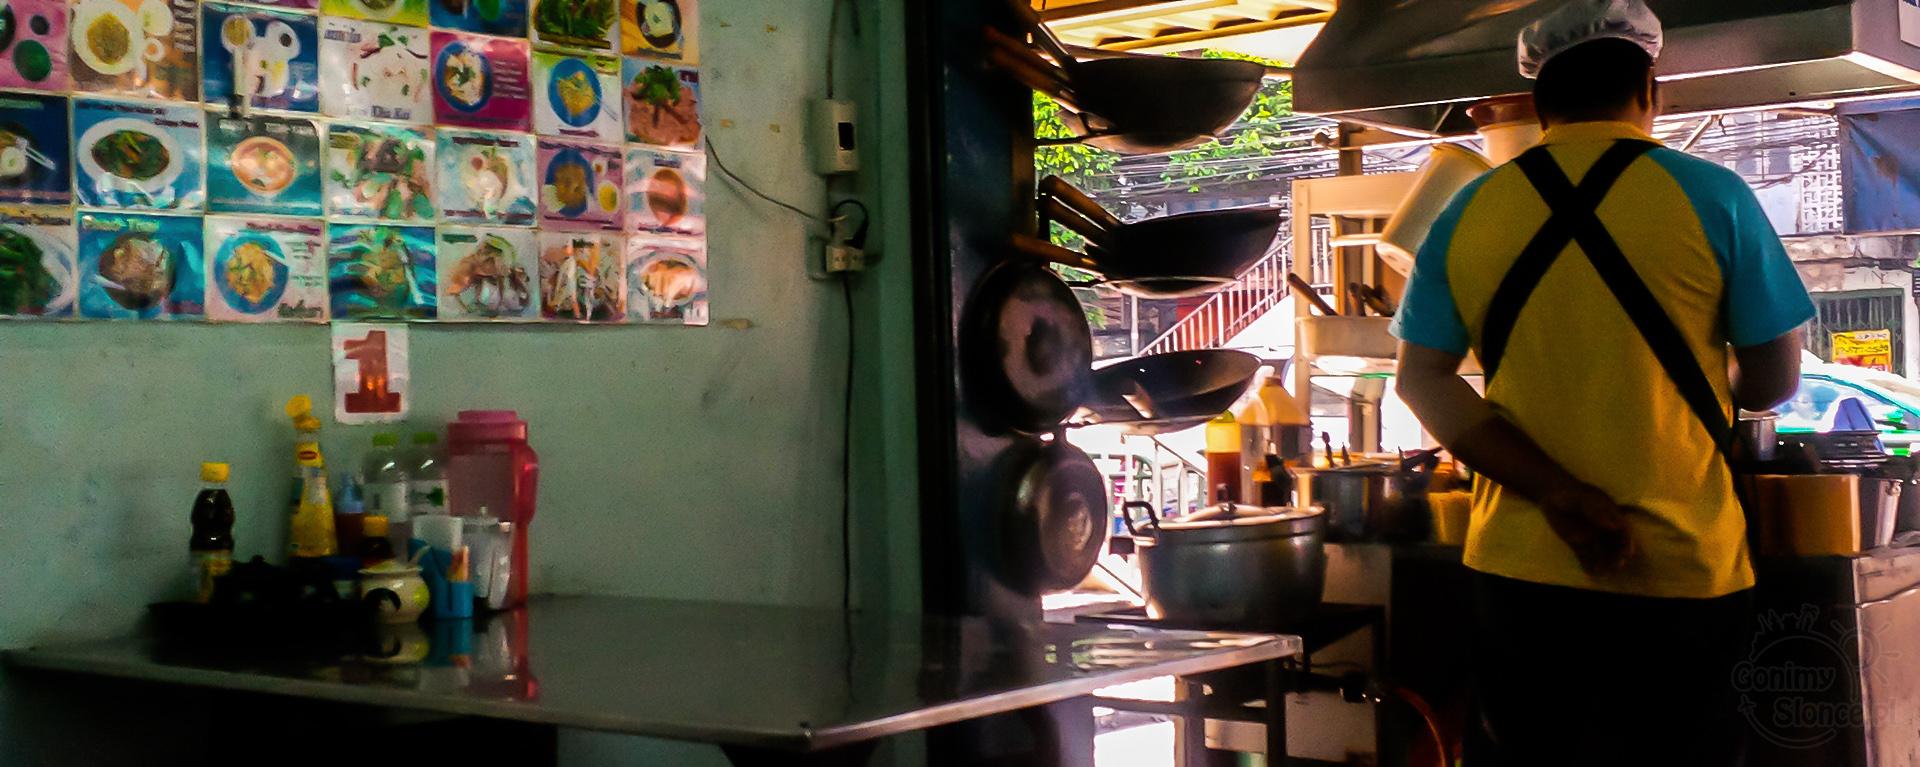 Najlepsza garkuchnia w Bangkoku